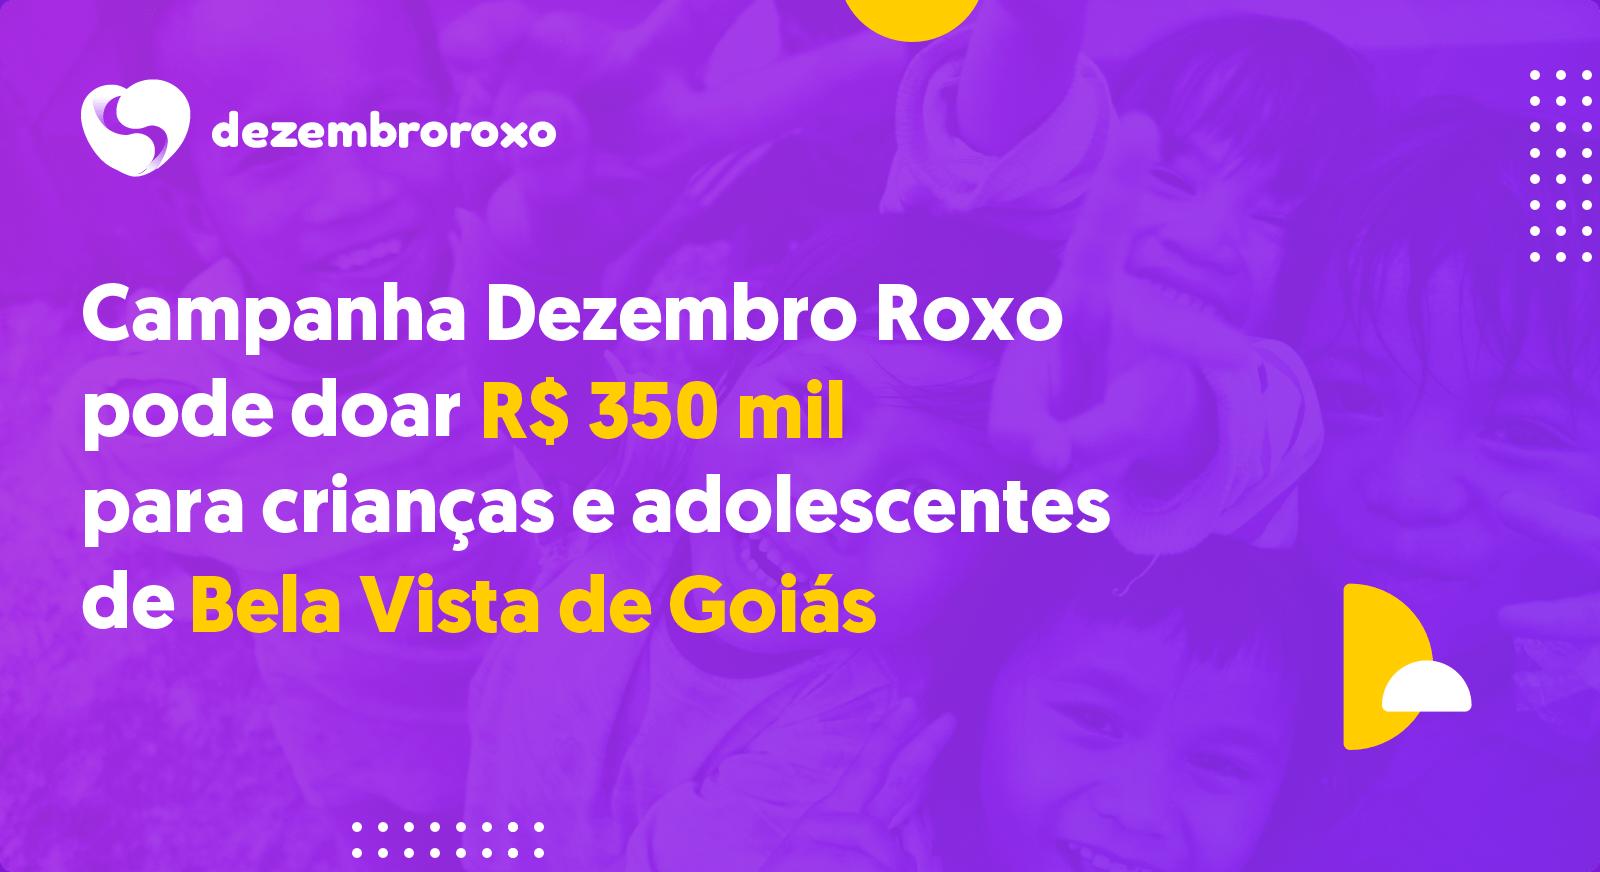 Doações em Bela Vista de Goiás - GO